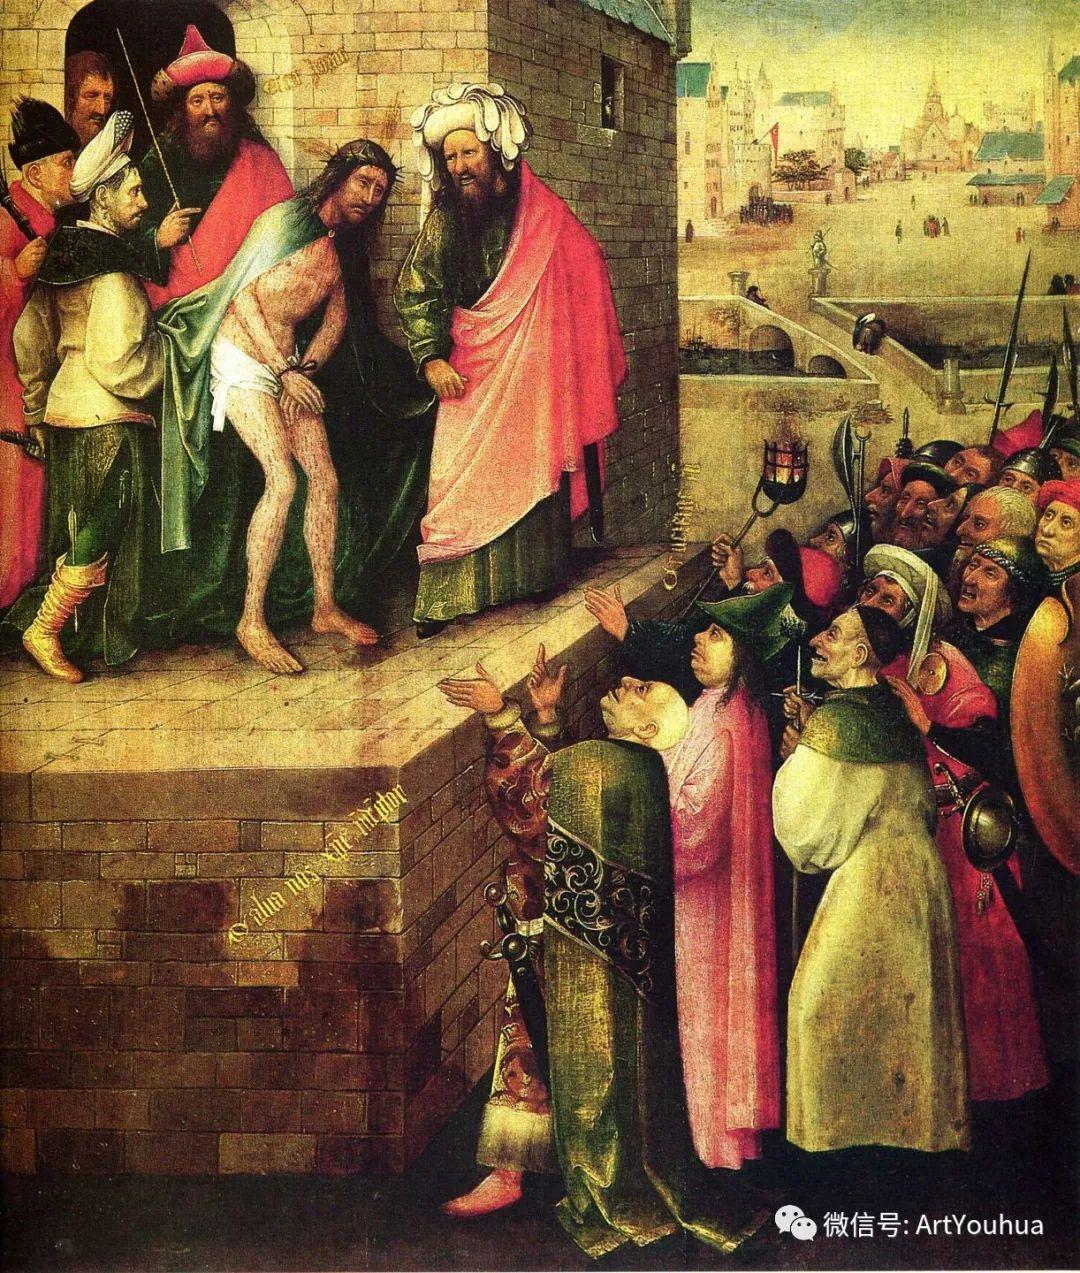 连载No.3 一生要知道的100位世界著名画家之希罗尼穆斯·波希插图7